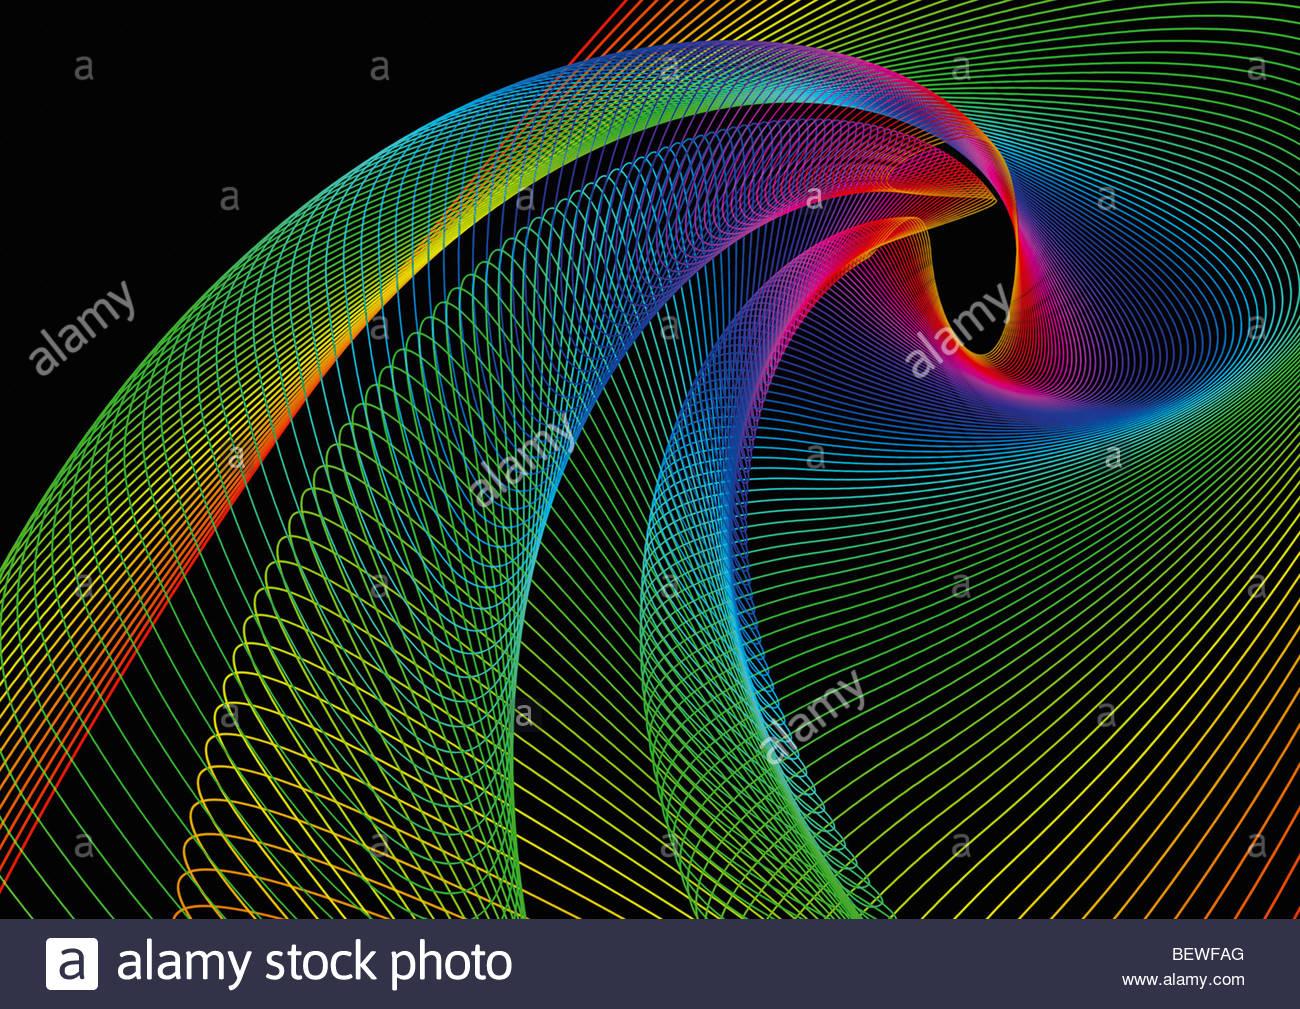 Lignes de couleur arc-en-ciel tourbillonnant Photo Stock